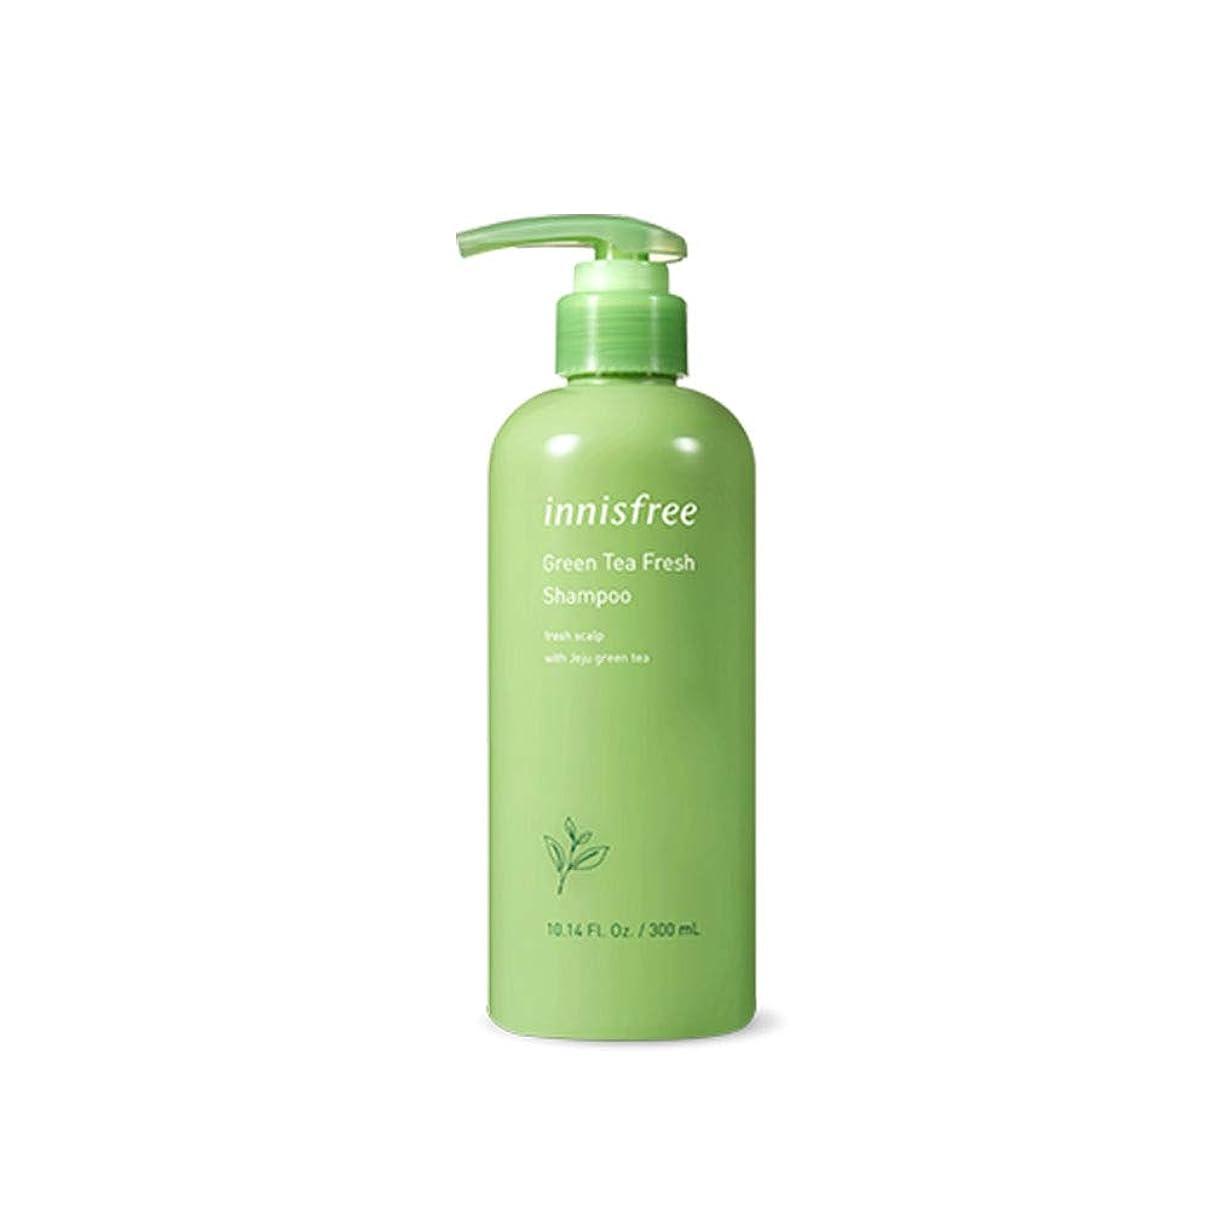 熟練した印象的な留まるイニスフリー Innisfree 緑茶ミントフレッシュシャンプー(300ml) Innisfree Green Tea Mint Fresh Shampoo (300ml) [海外直送品]